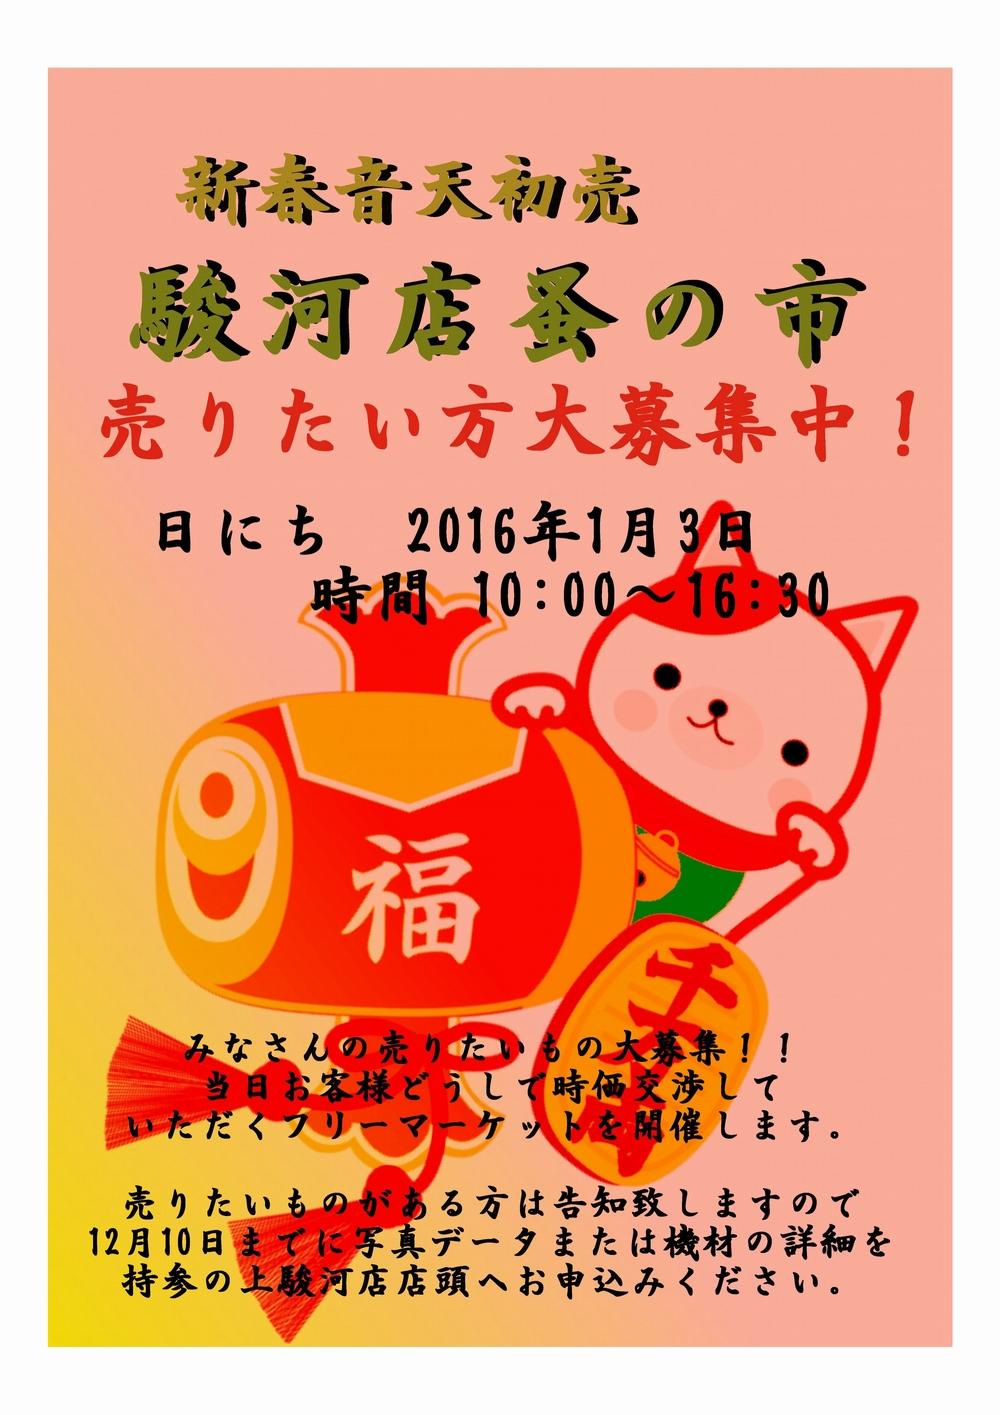 【フリーマーケット】音楽天国・静岡駿河店1月3日(日)初開催!